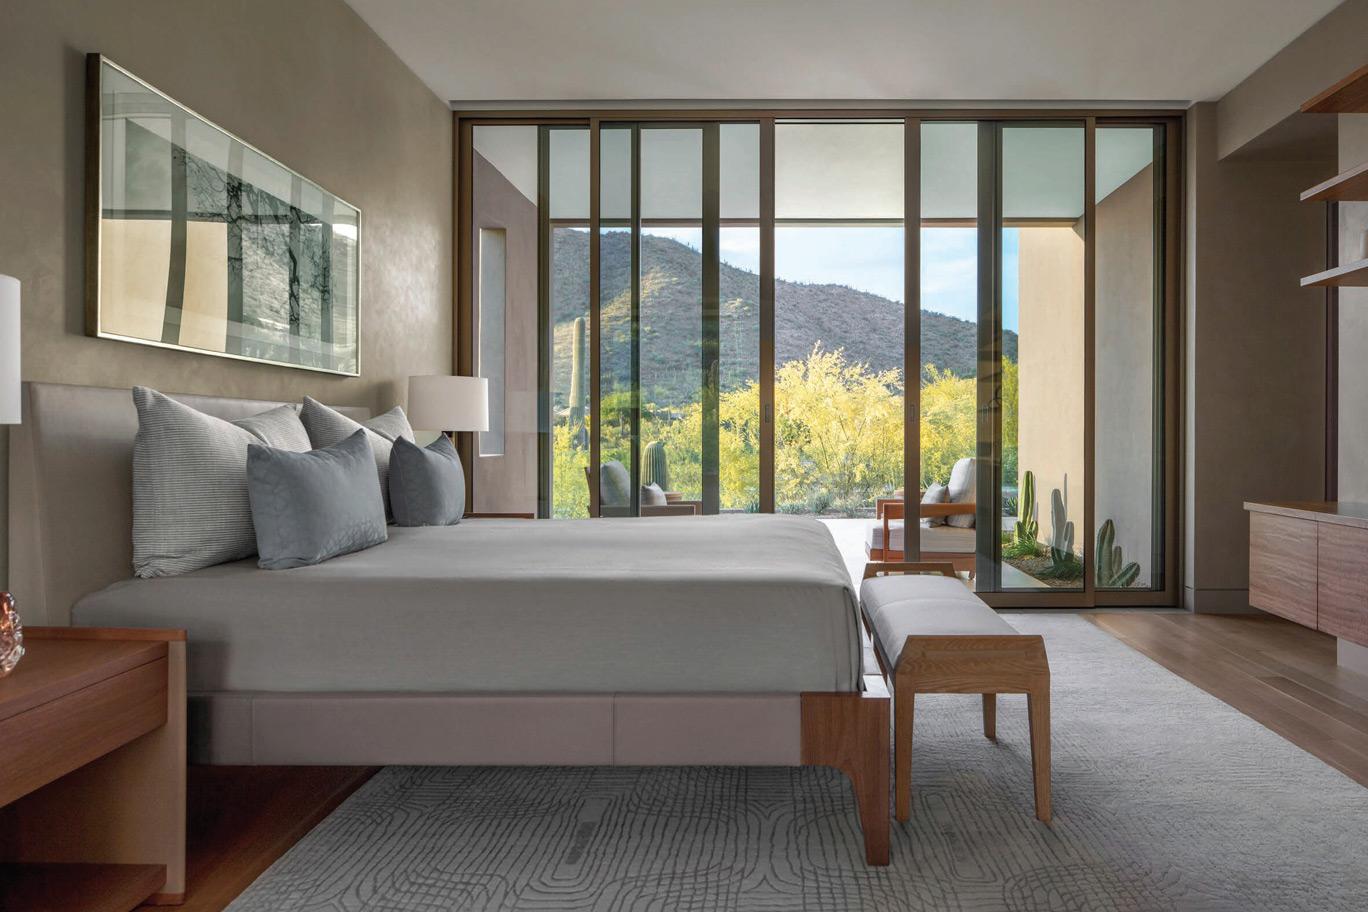 Contemporary Bedroom Interior Design In Az ǀ David Michael